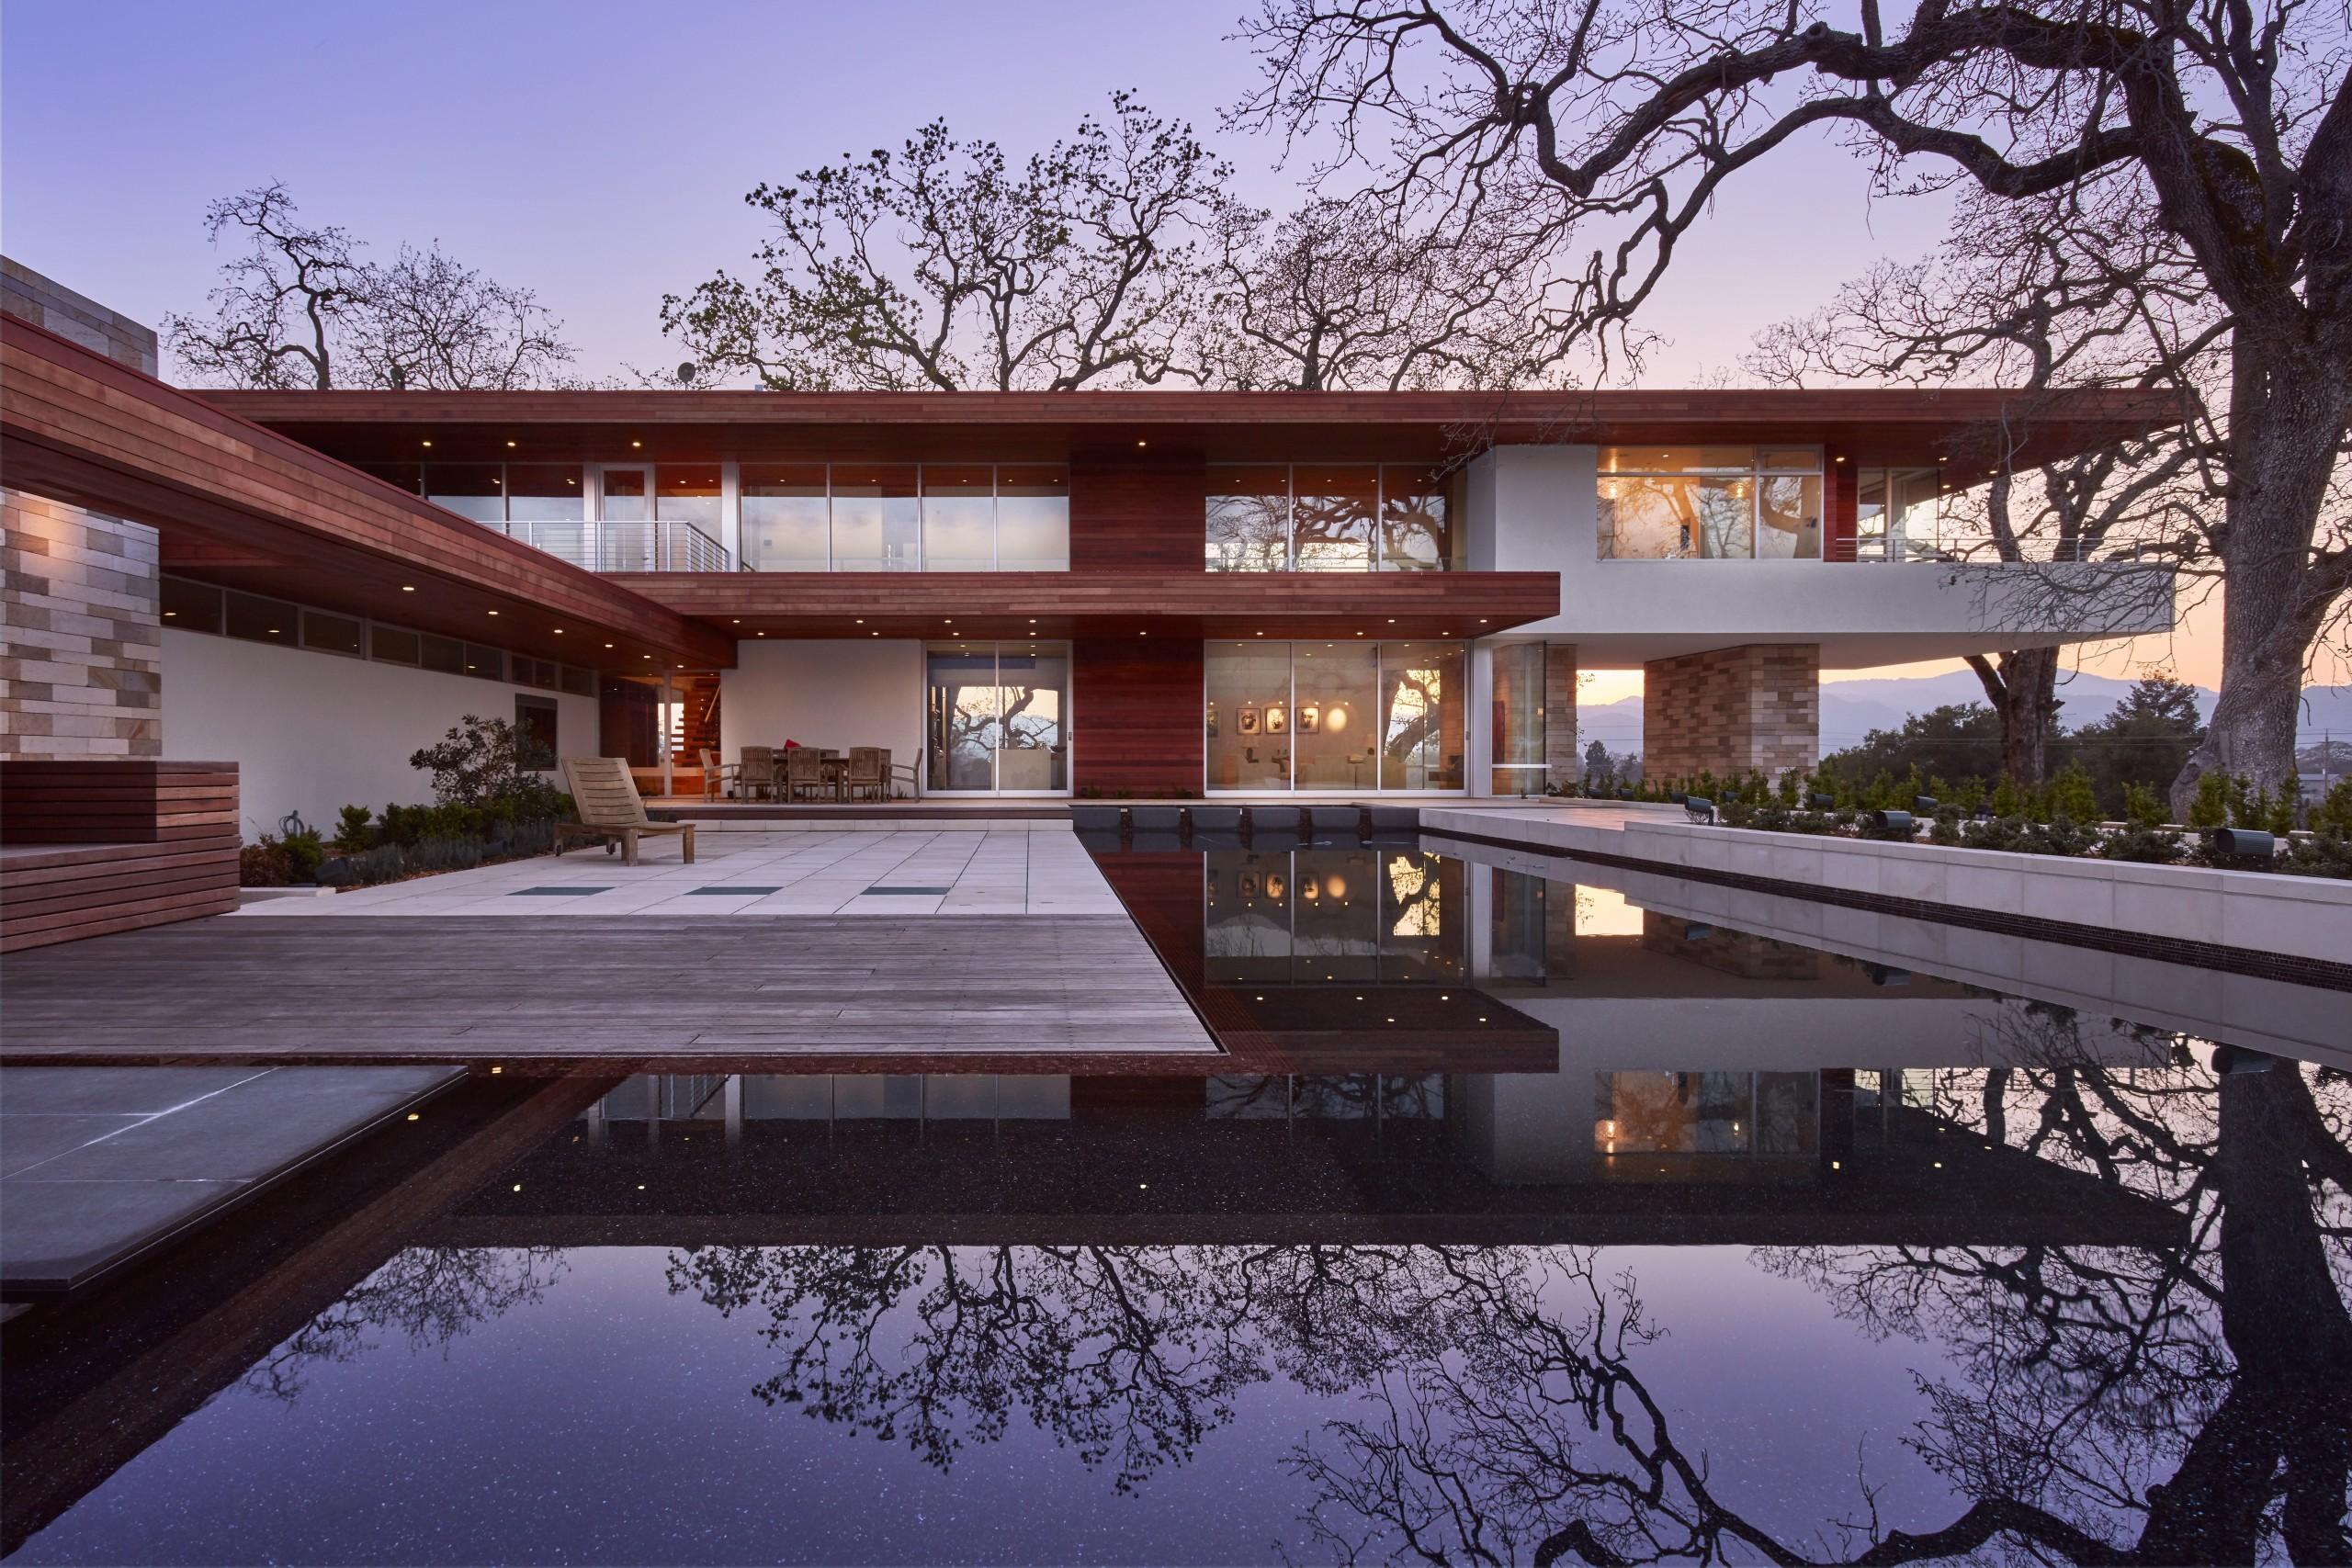 Oak Knoll House